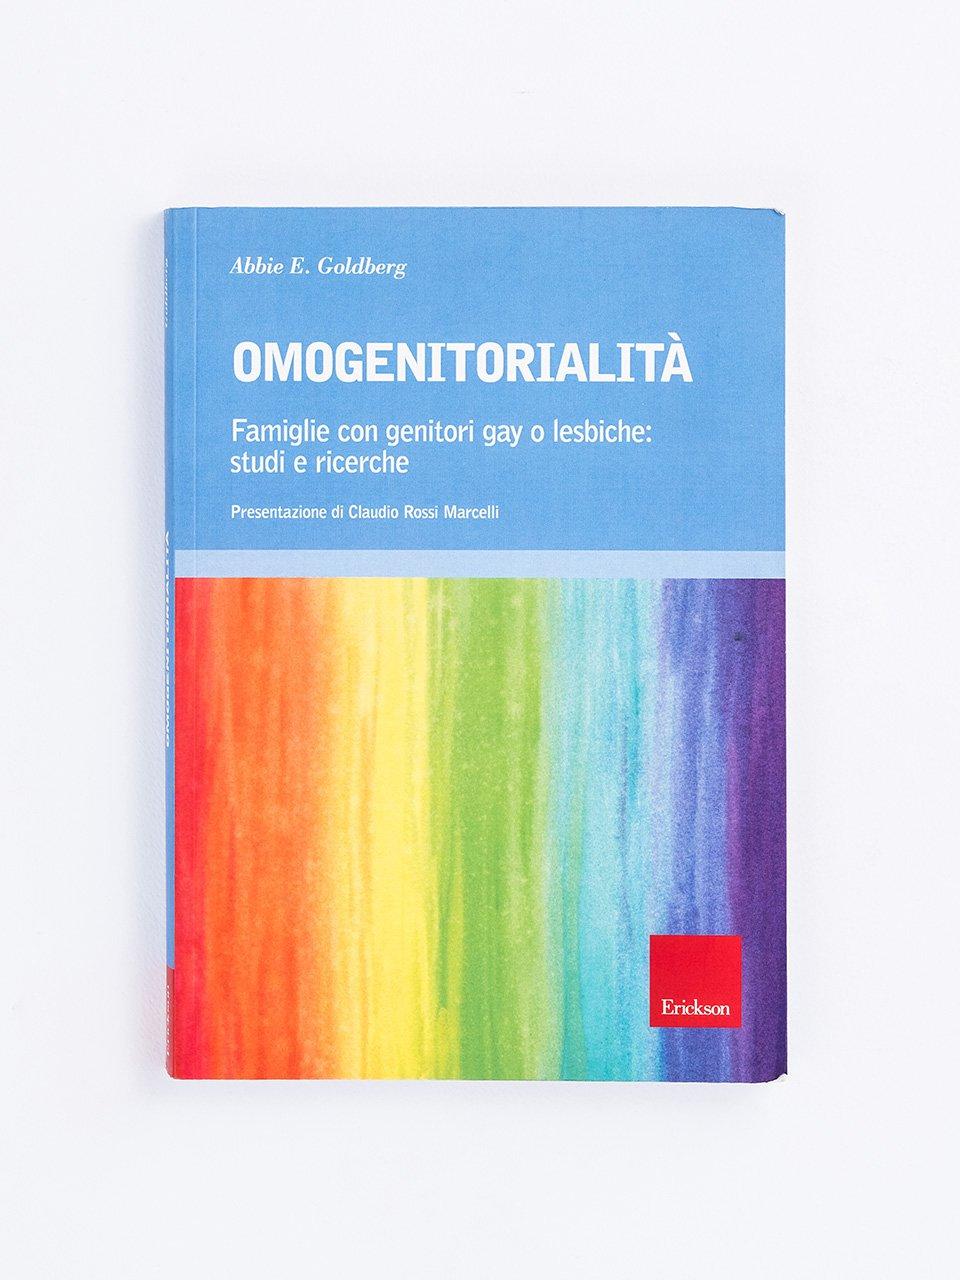 Omogenitorialità - Così sei fatto tu - 5-9 anni - Libri - Erickson